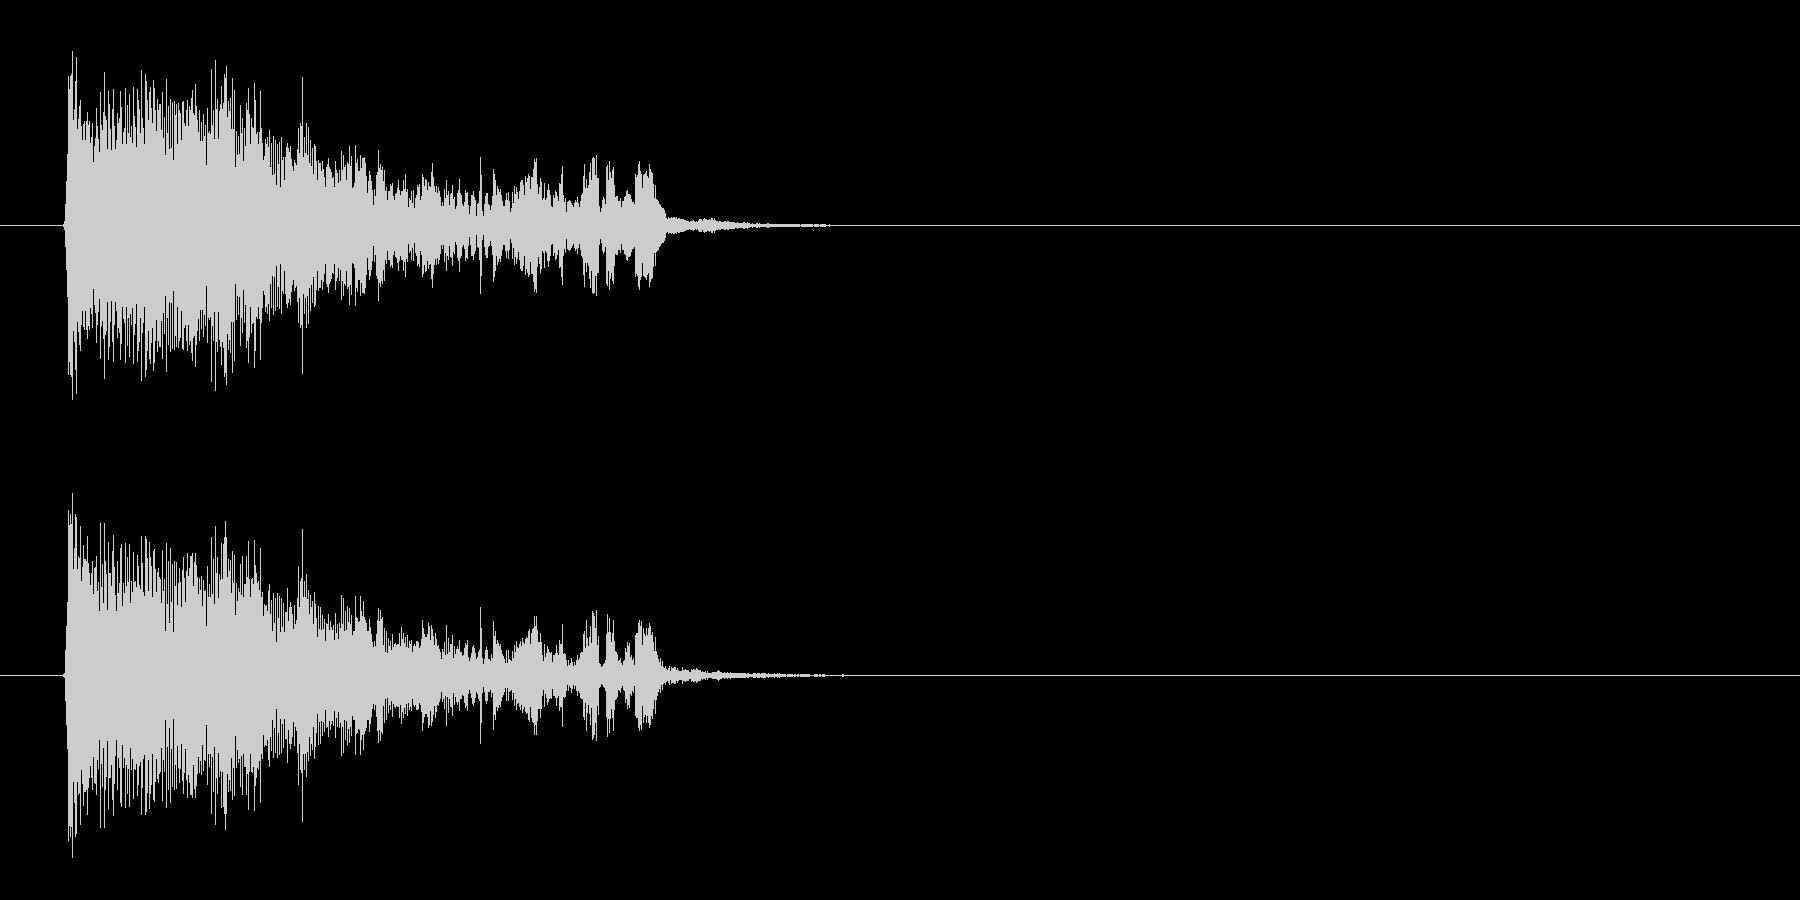 何かが厳かに始まるようなシンセ曲の未再生の波形